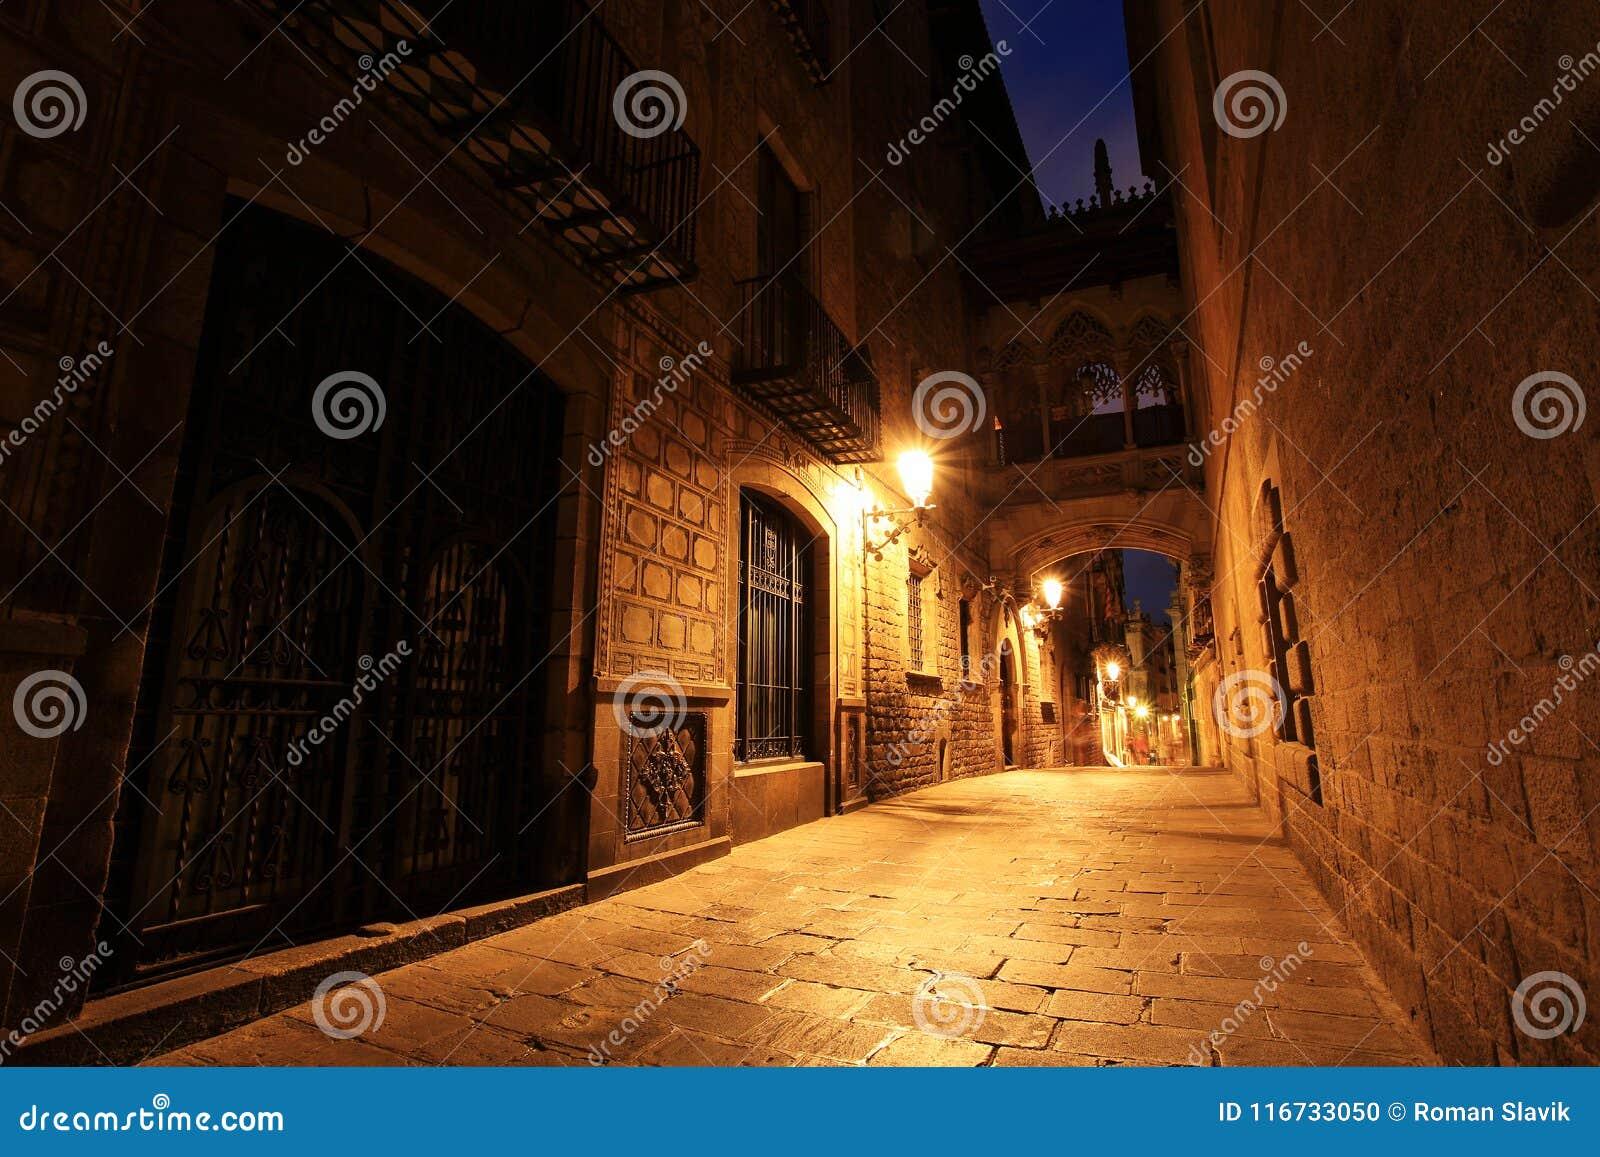 Puente entre los edificios en Barri Gotic Quarter, Barcelona